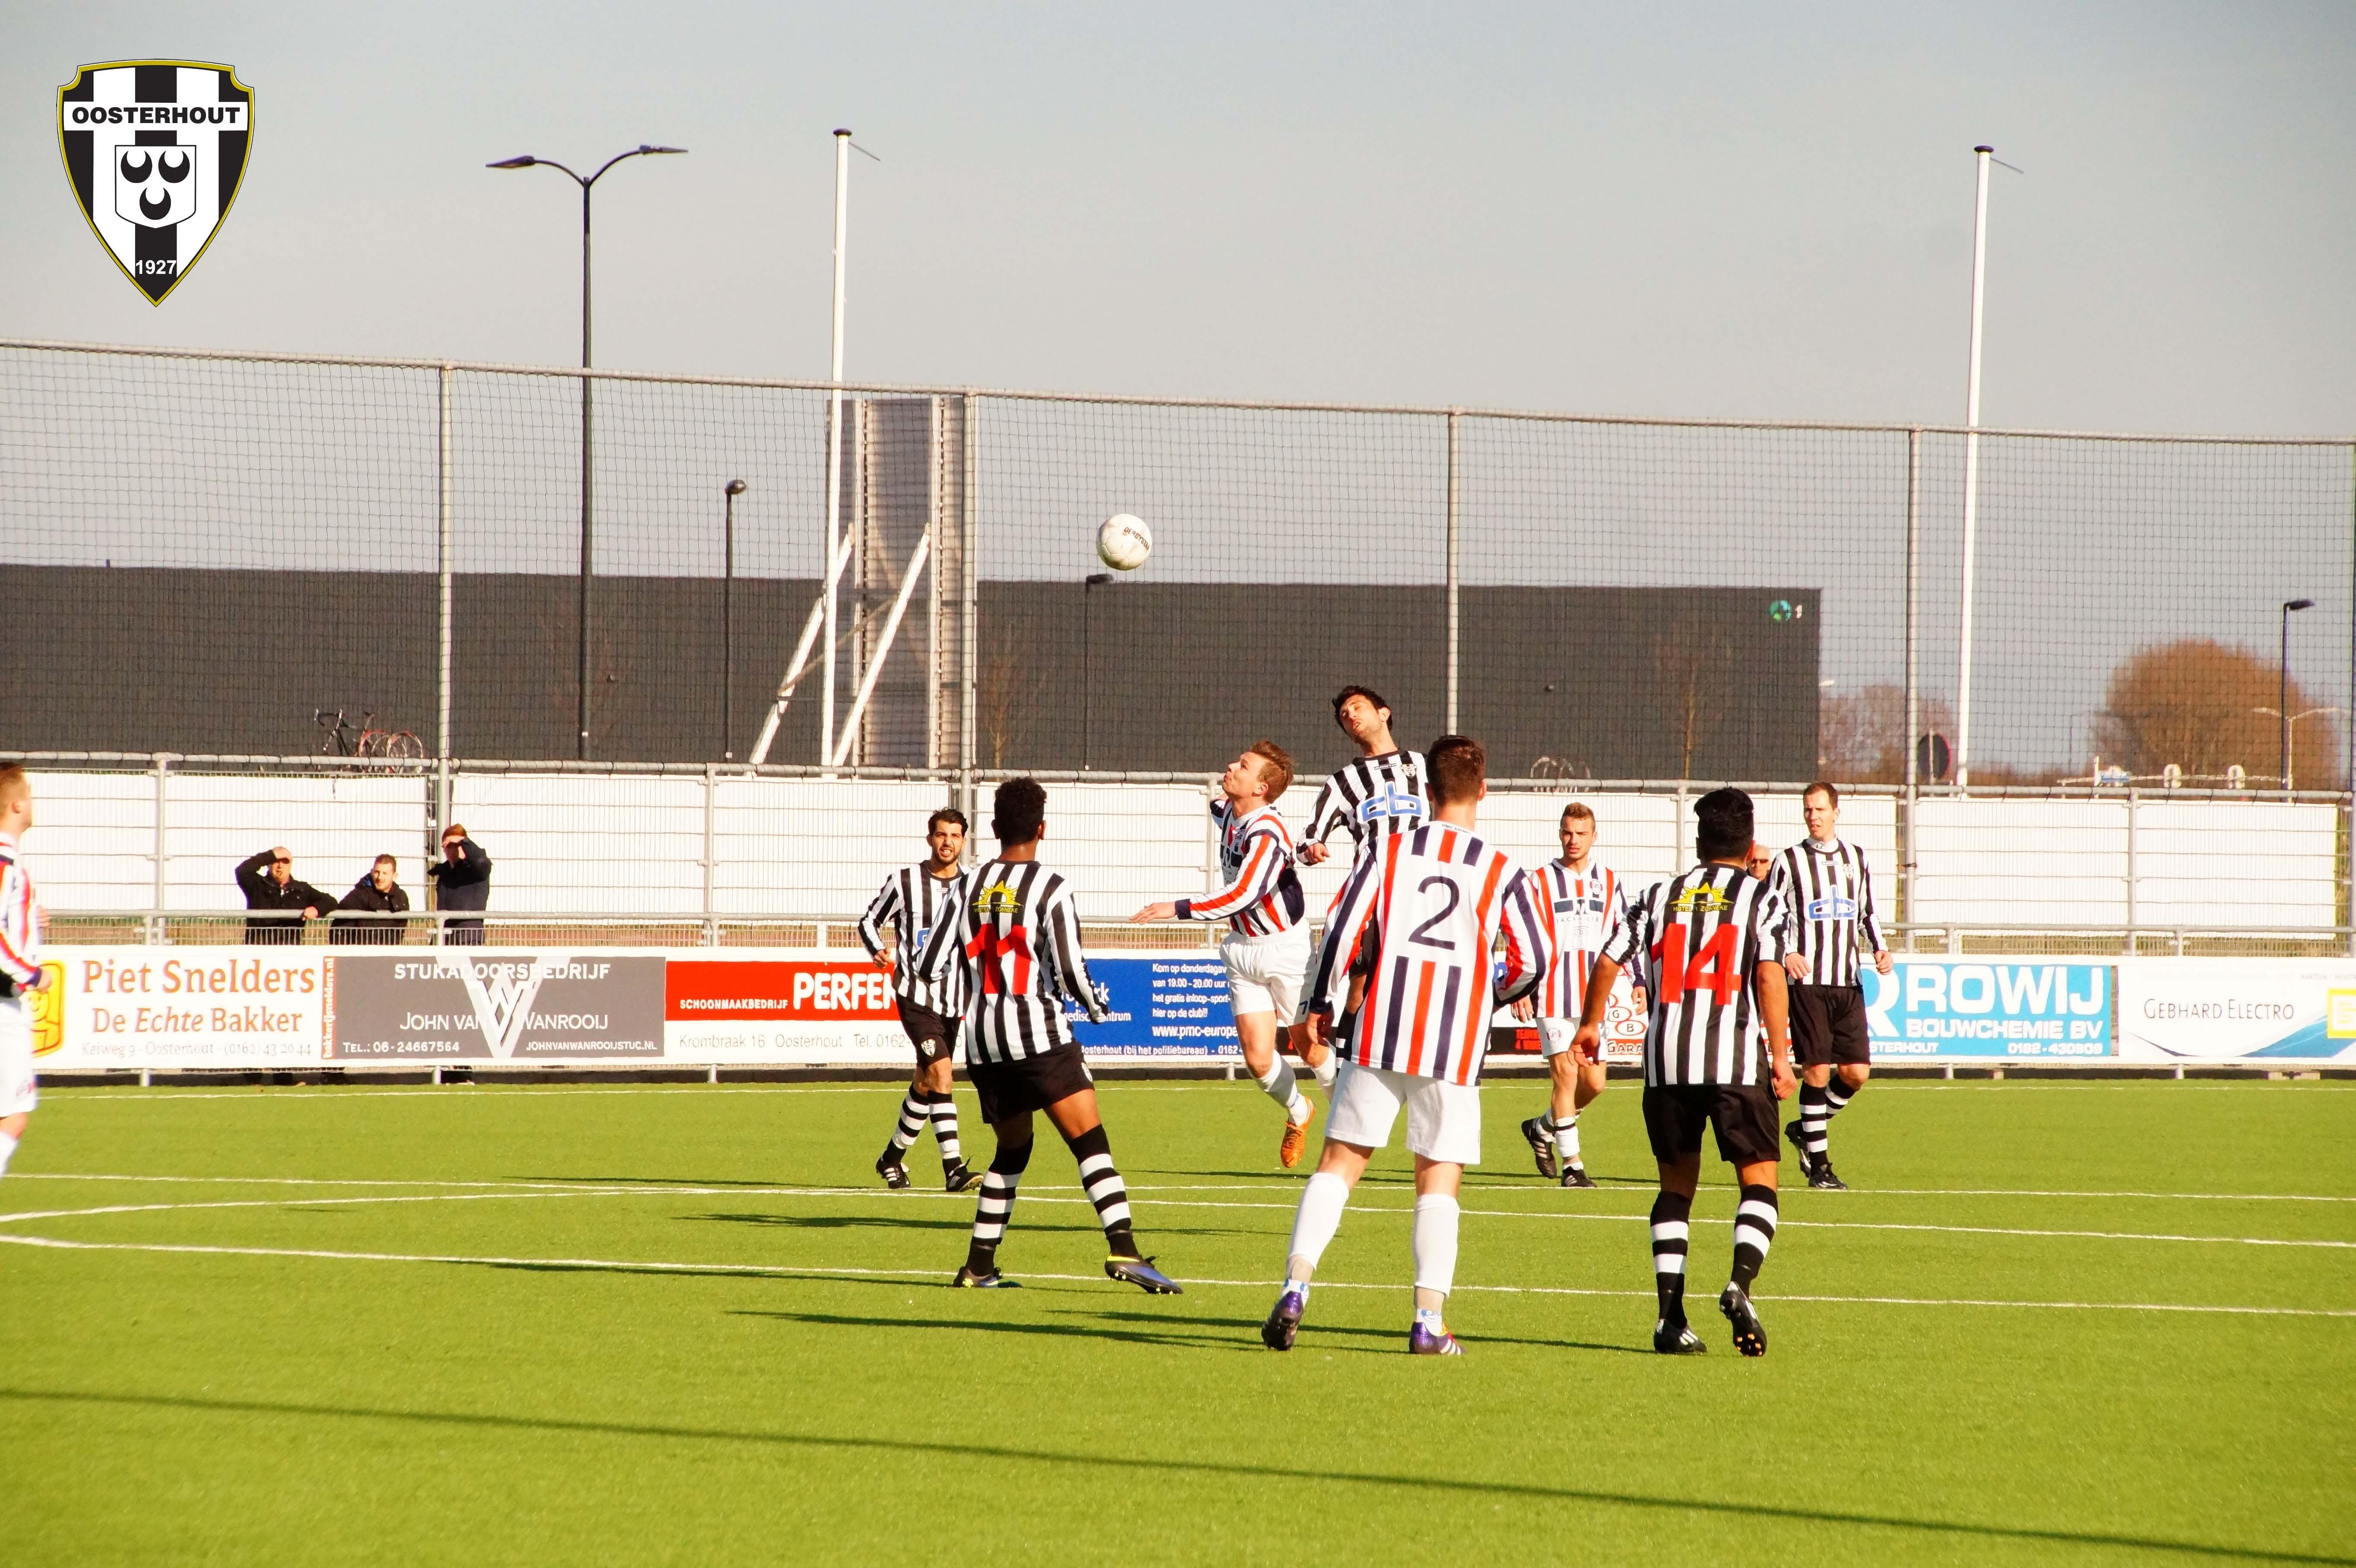 [SPORT] VV Oosterhout pakt punt tegen titelkandidaat in blessuretijd